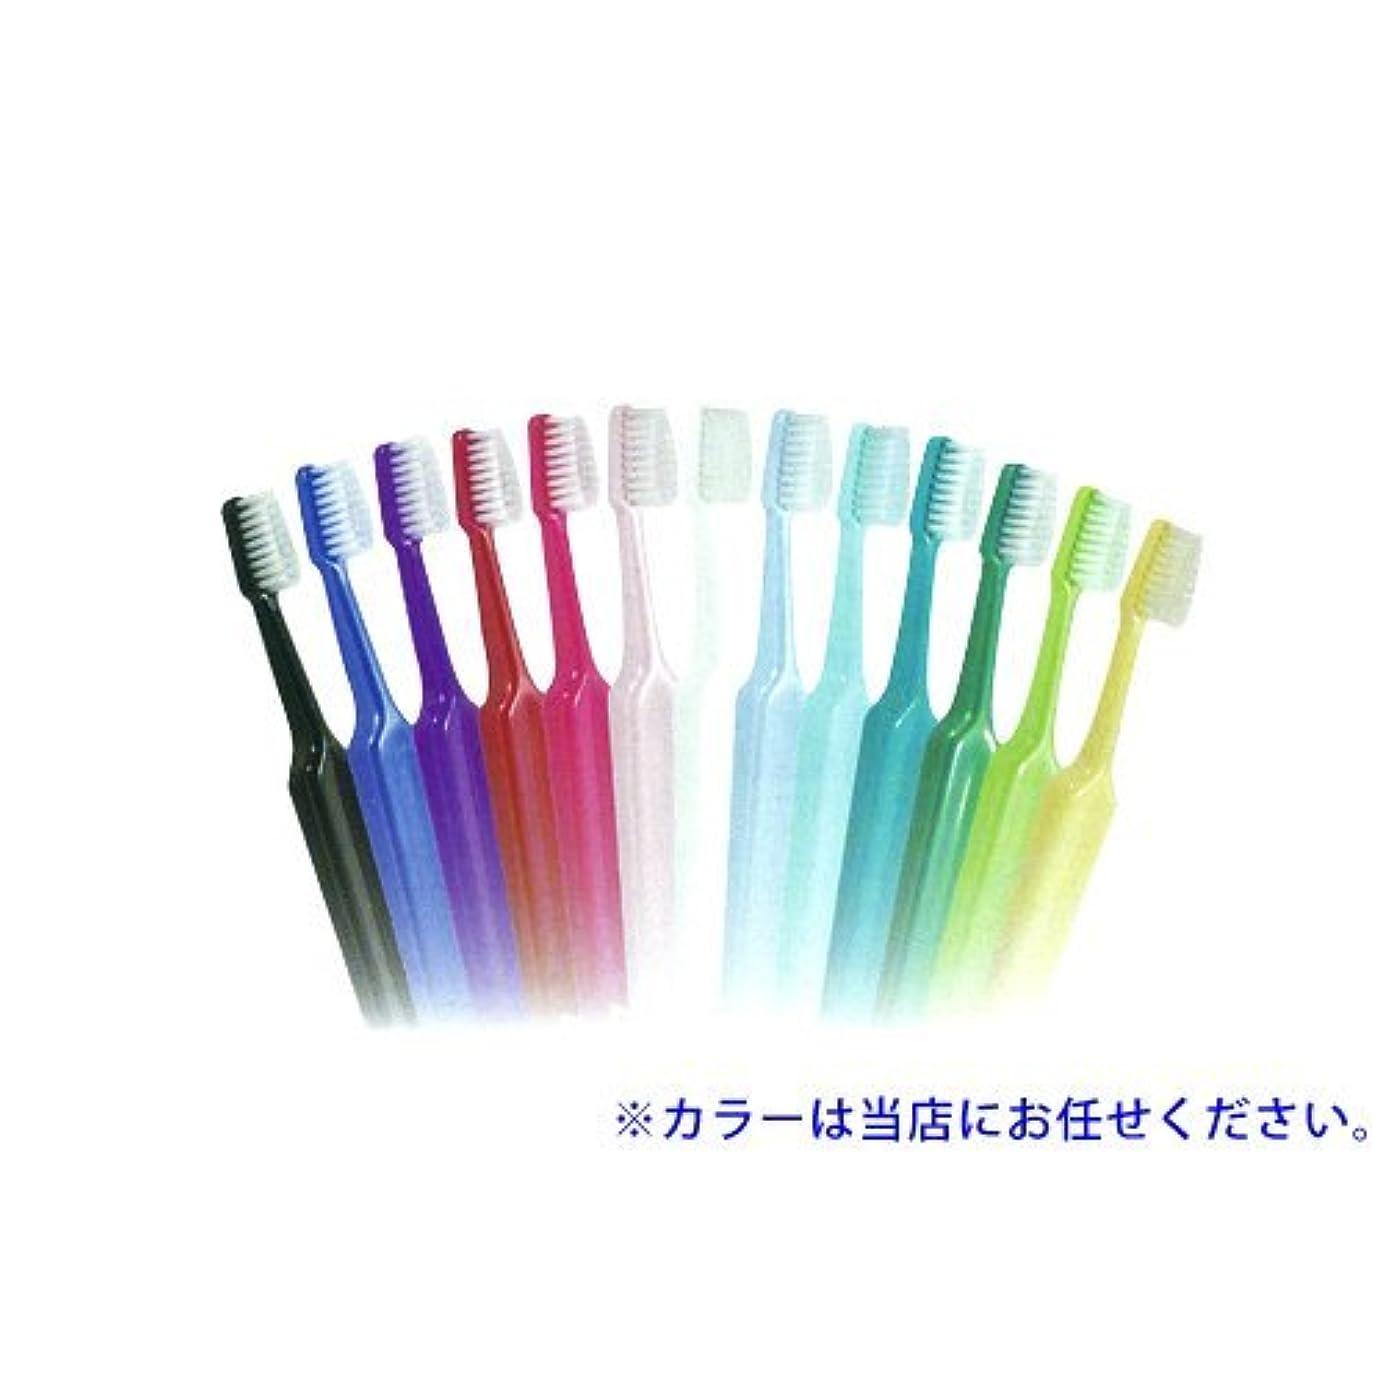 溝項目取り除くクロスフィールド TePe テペ セレクト 歯ブラシ 1本 ソフト